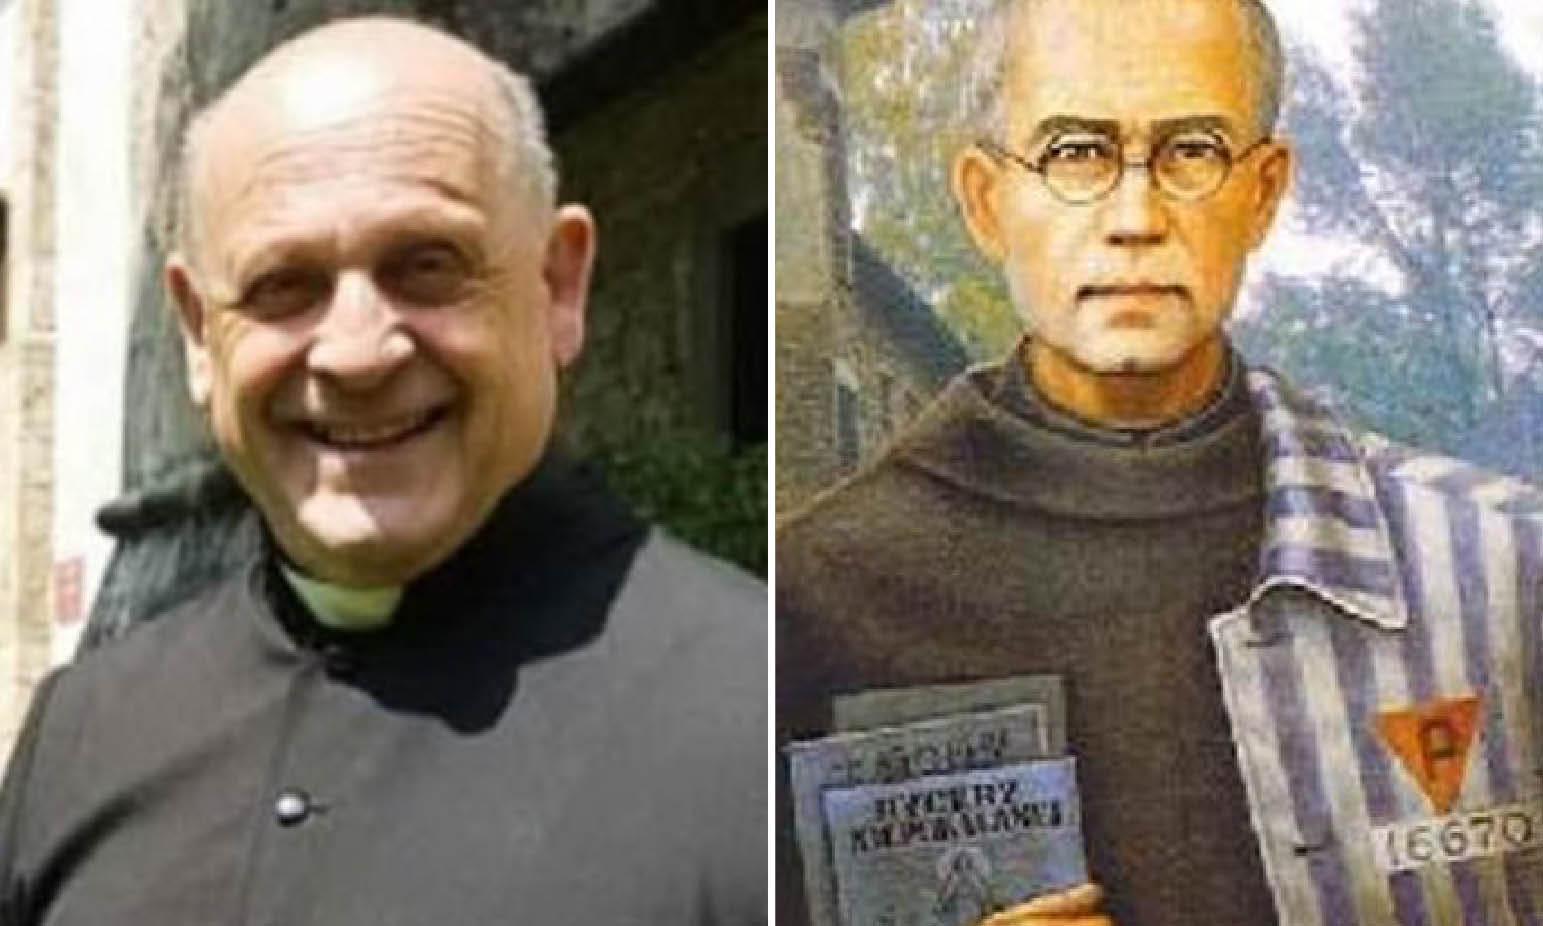 CoronaVirus. Prete rinuncia al Respiratore: Muore dando la Vita a un Altro come padre Kolbe nel lager Nazista